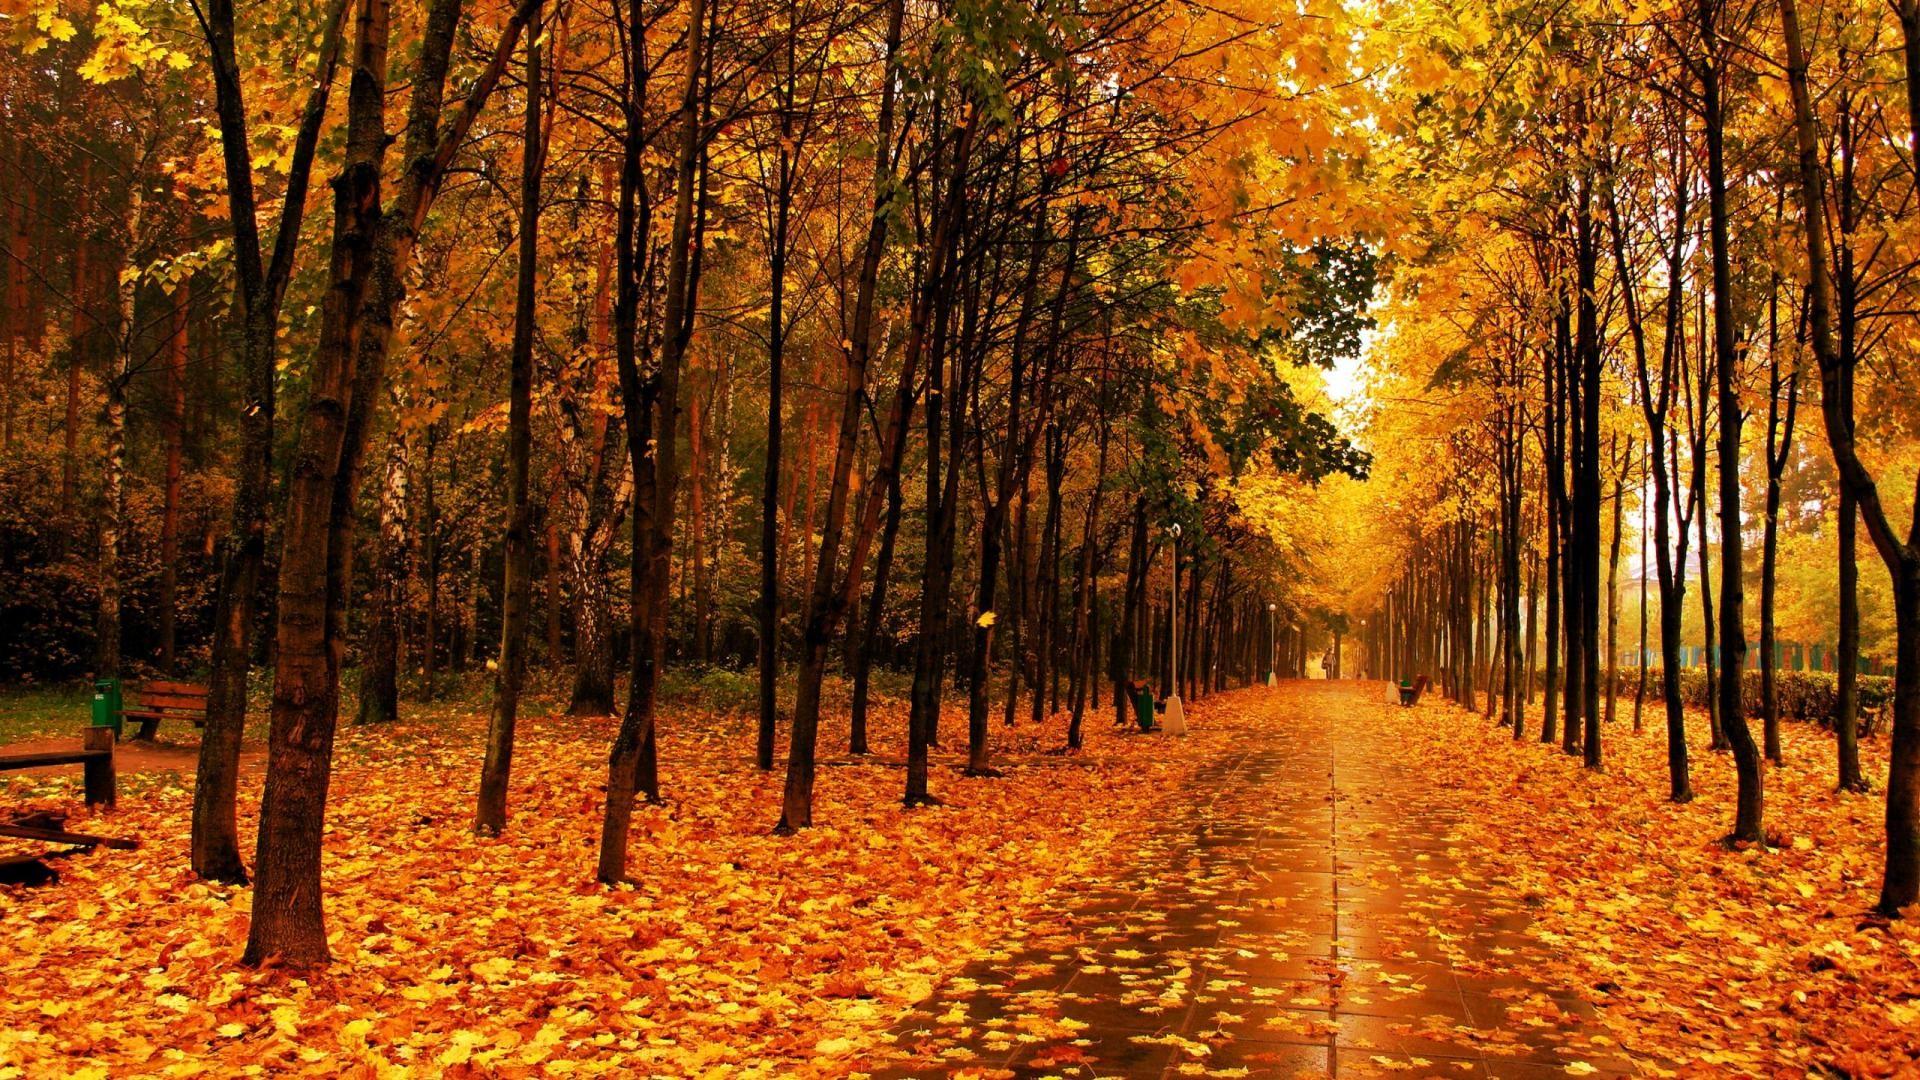 Autumn Rain Wallpaper Mixhd Wallpapers Autumn Park Scenery Wallpaper Rain Wallpapers